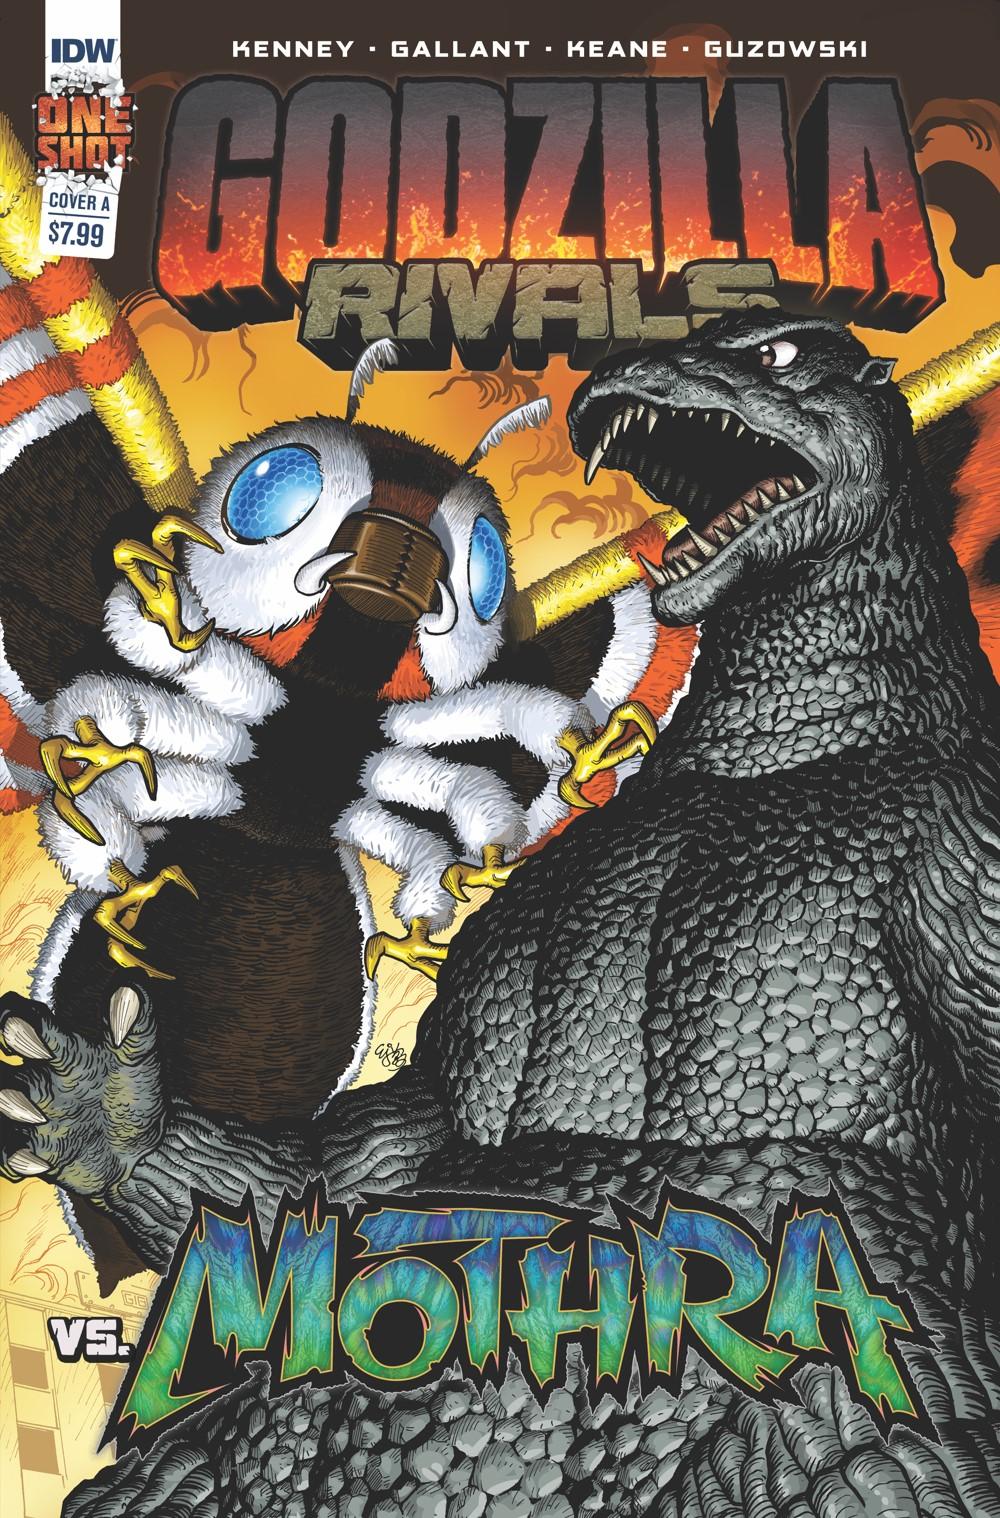 Godzilla_Rivals_2_Cover_A ComicList Previews: GODZILLA RIVALS VS MOTHRA #1